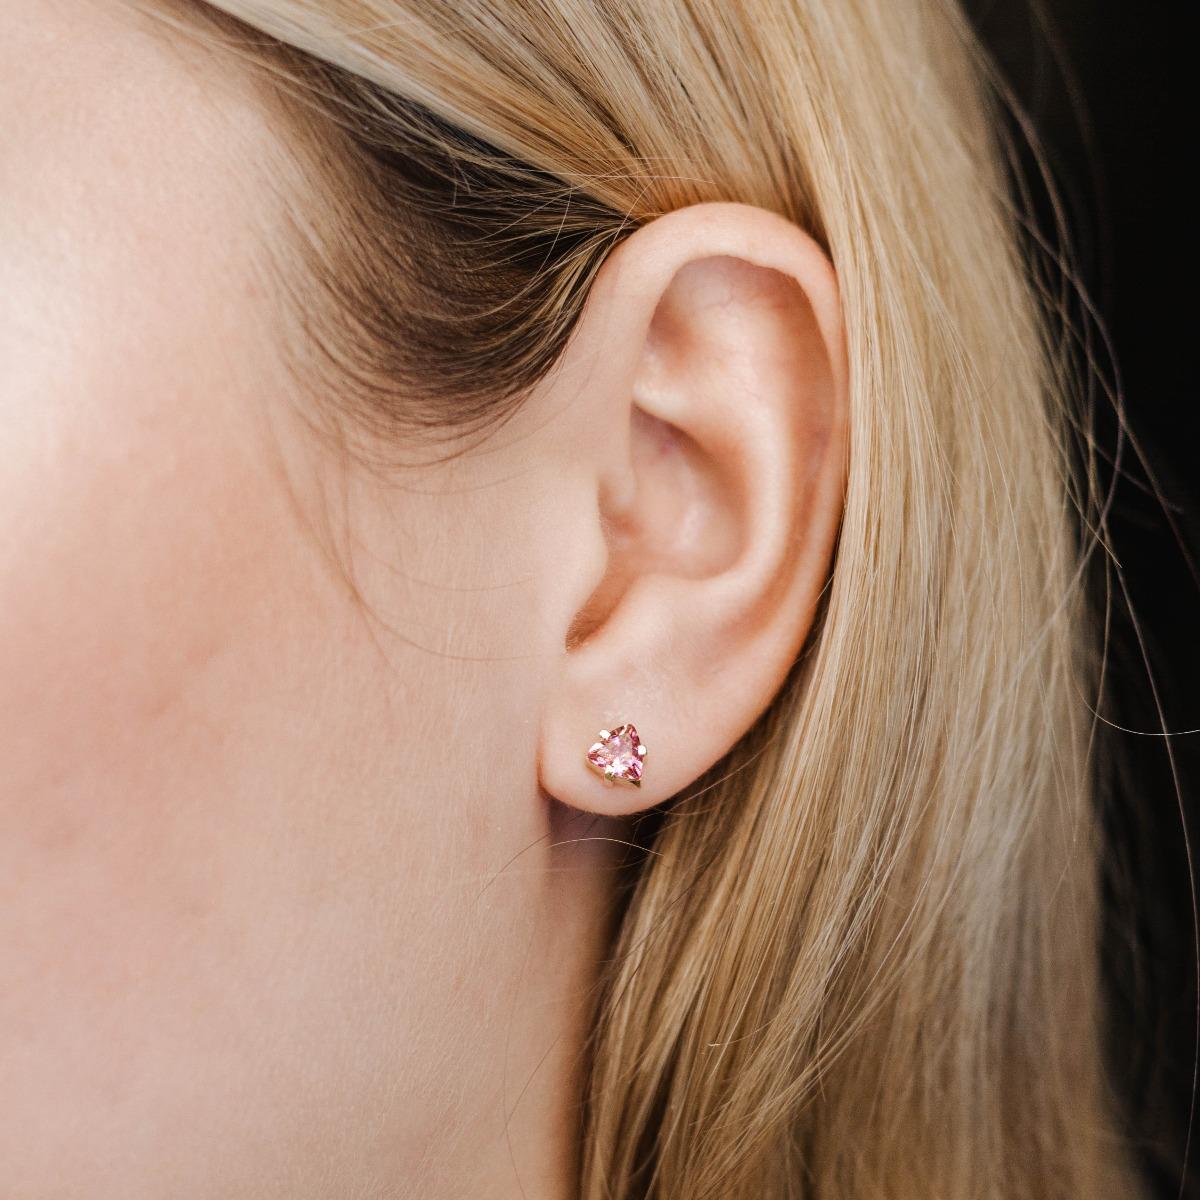 Σκουλαρίκια Μικρά με Ροζ Τουρμαλίνη Χρυσά